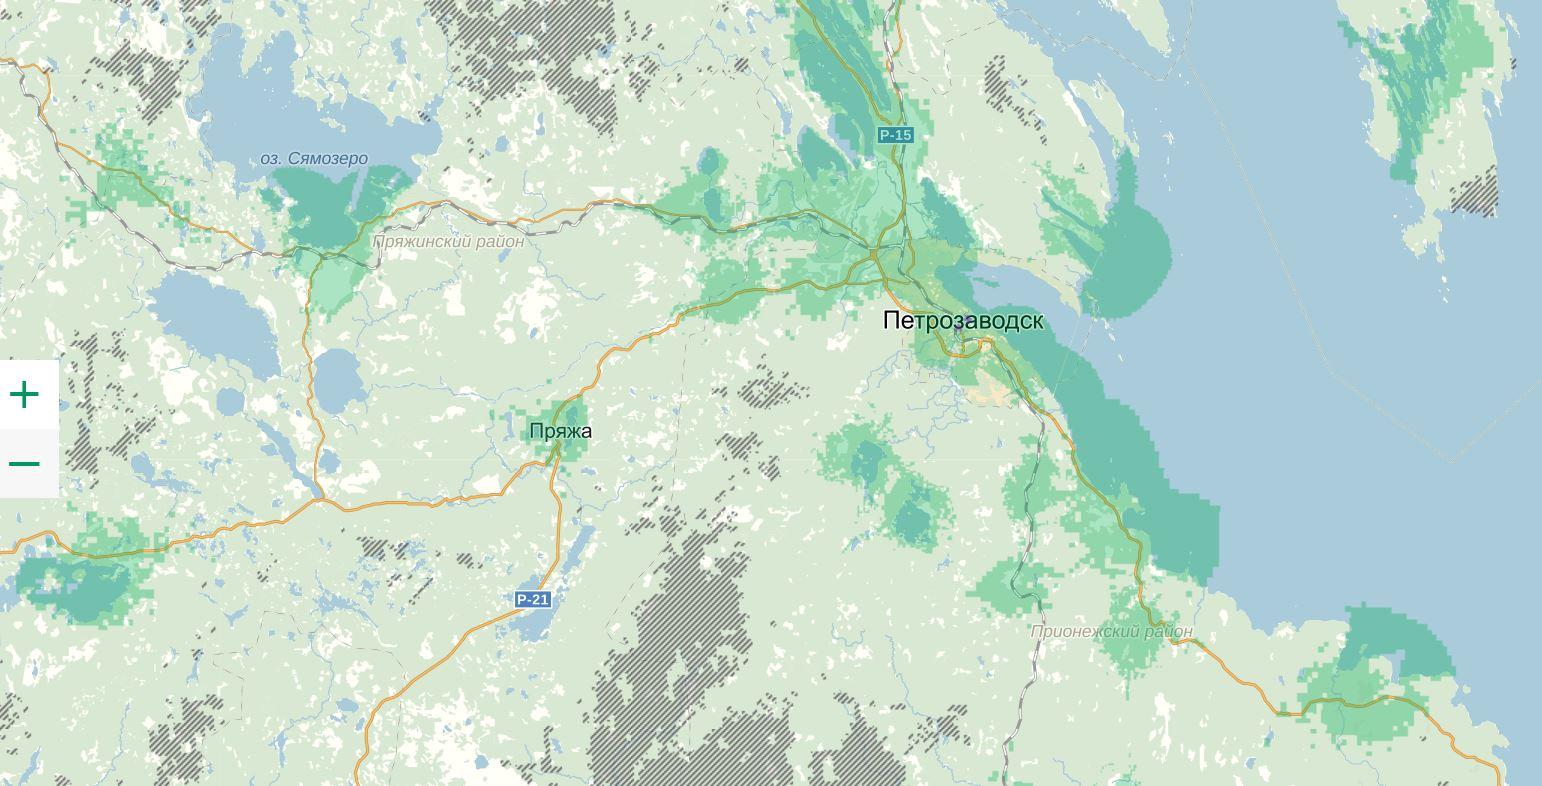 megaphone coverage map of karelia